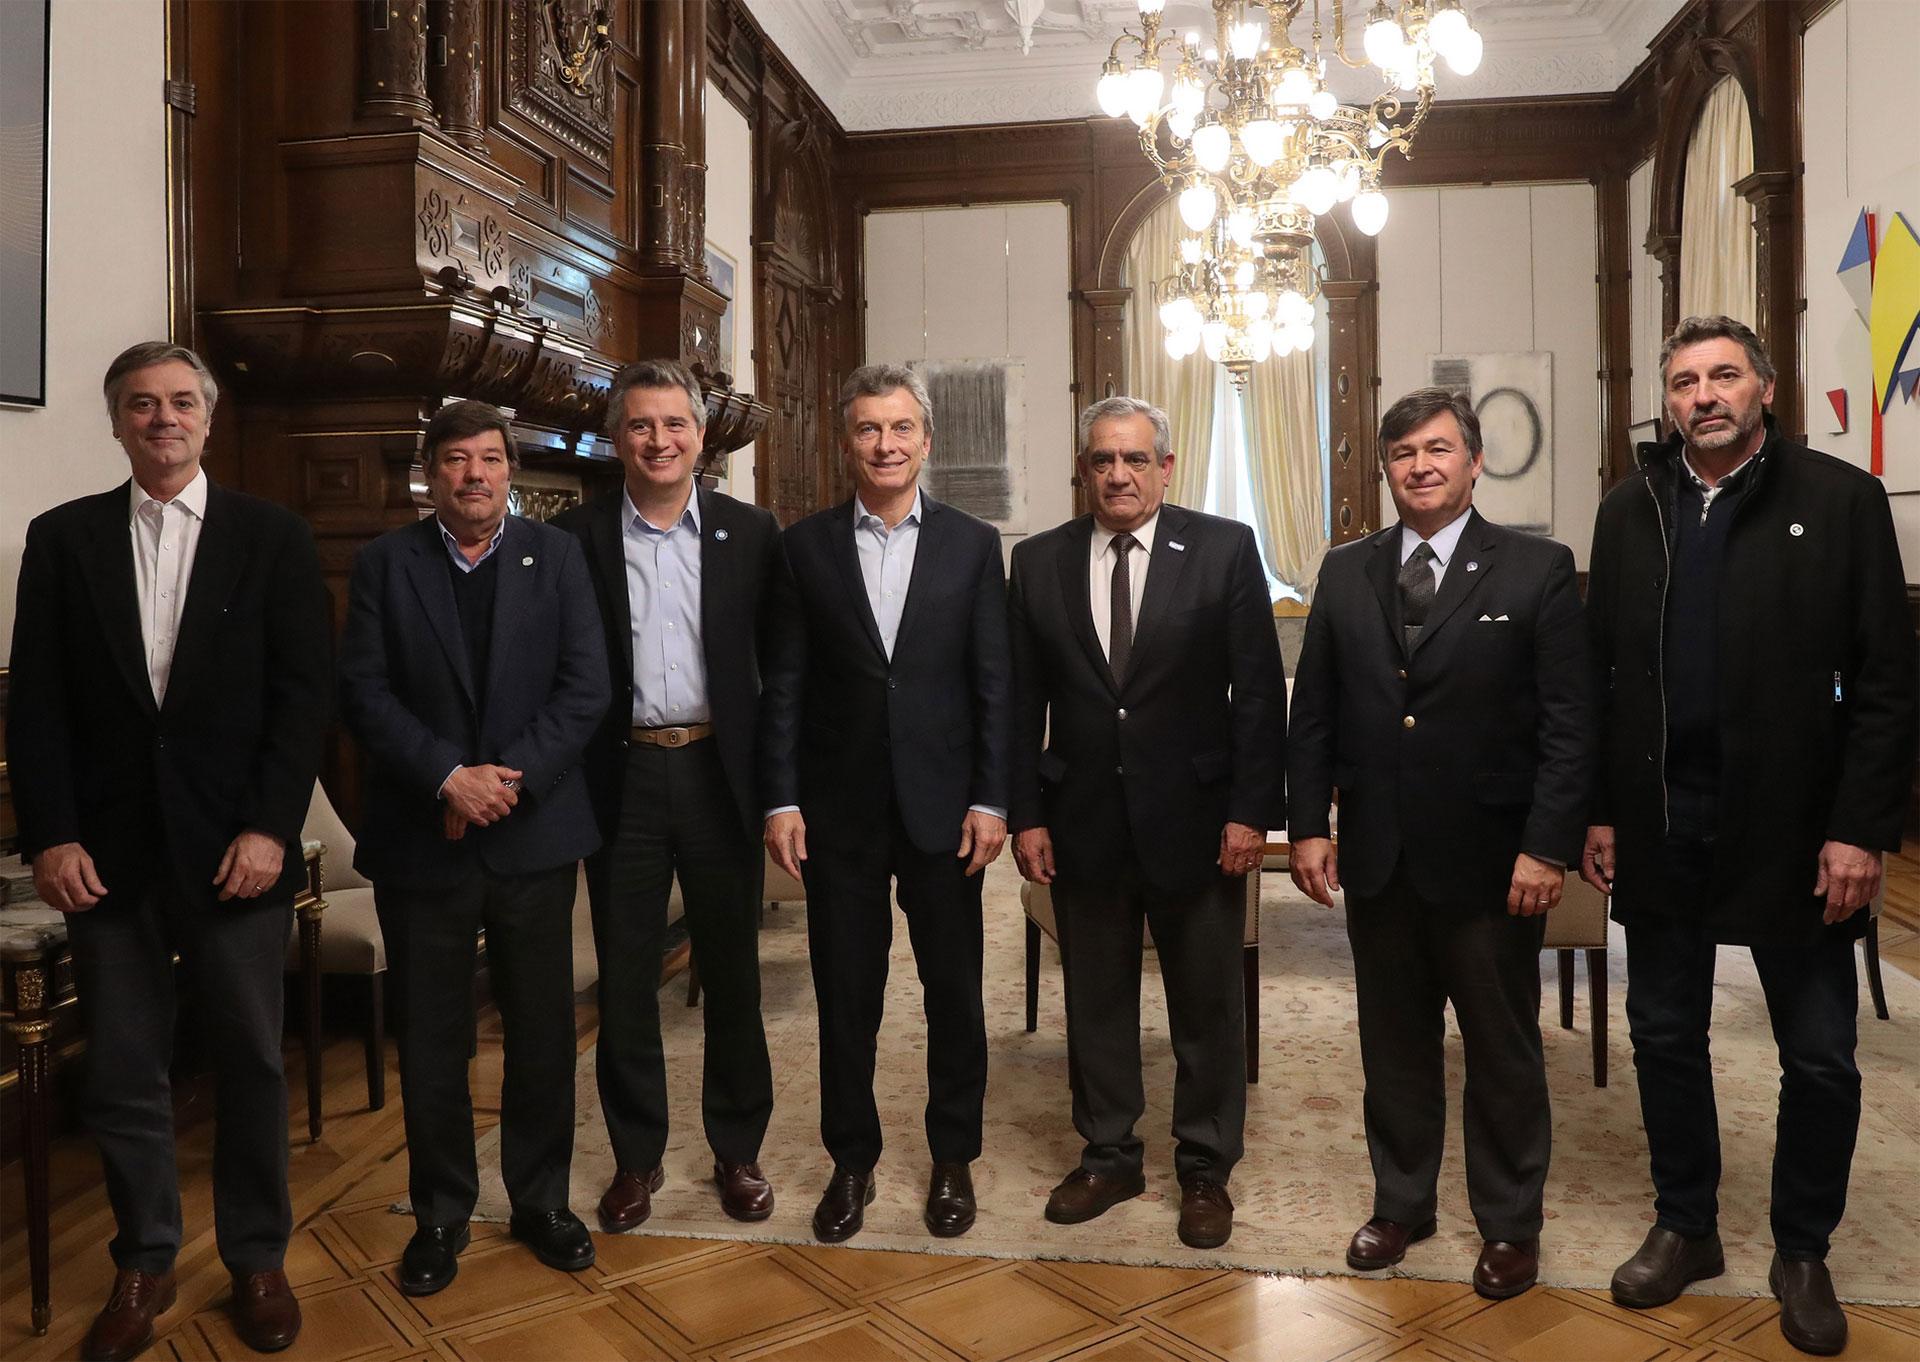 El presidente Mauricio Macri y el ministro de Agroindustria Luis Miguel Etchevehere junto a la Mesa de Enlace, en julio pasado, cuando el campo logró frenar las retenciones